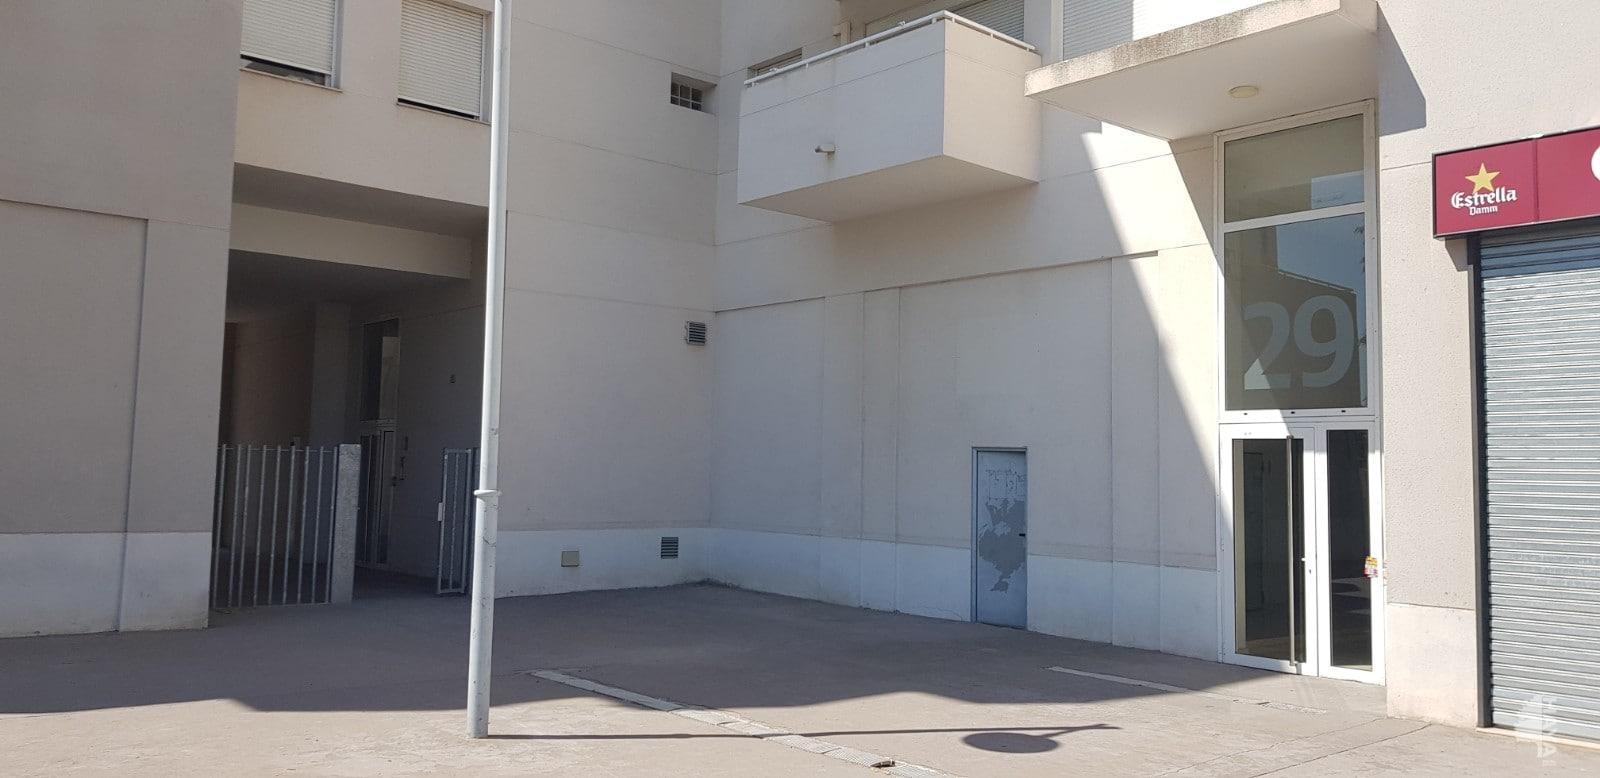 Local en venta en La Coma, Paterna, Valencia, Calle El Puig, 101.000 €, 151 m2